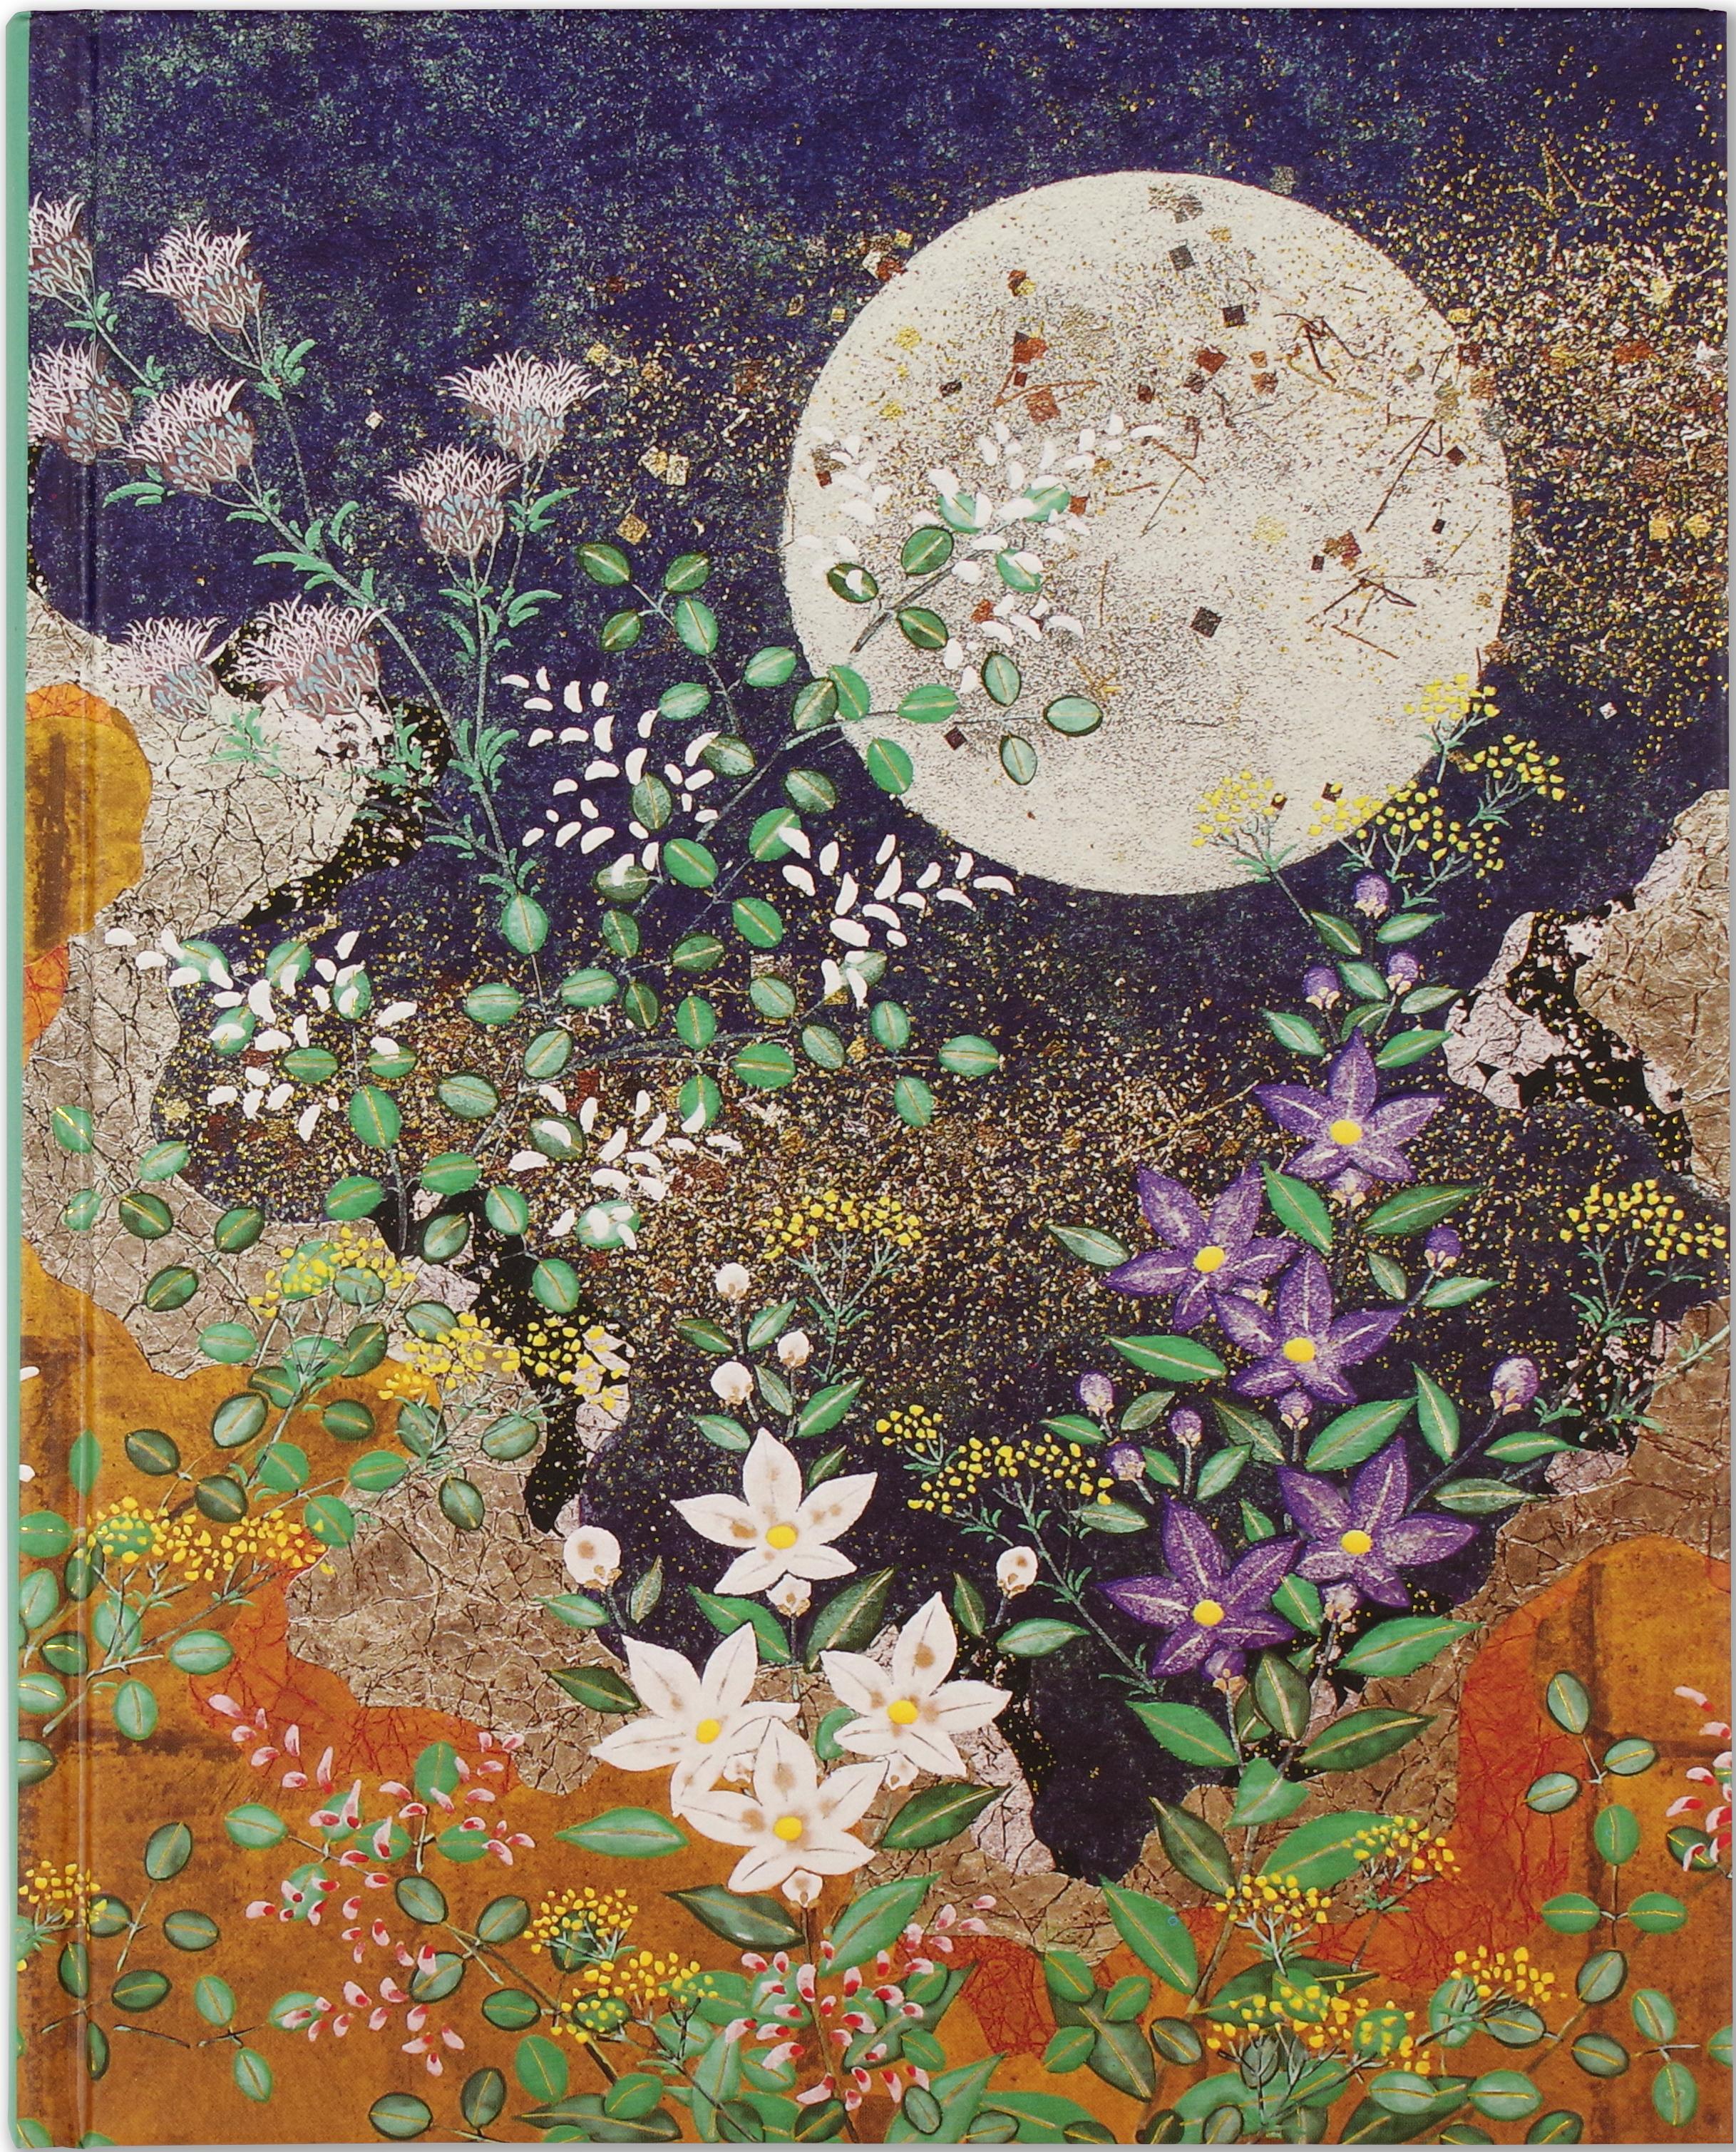 Autumn Moon Journal